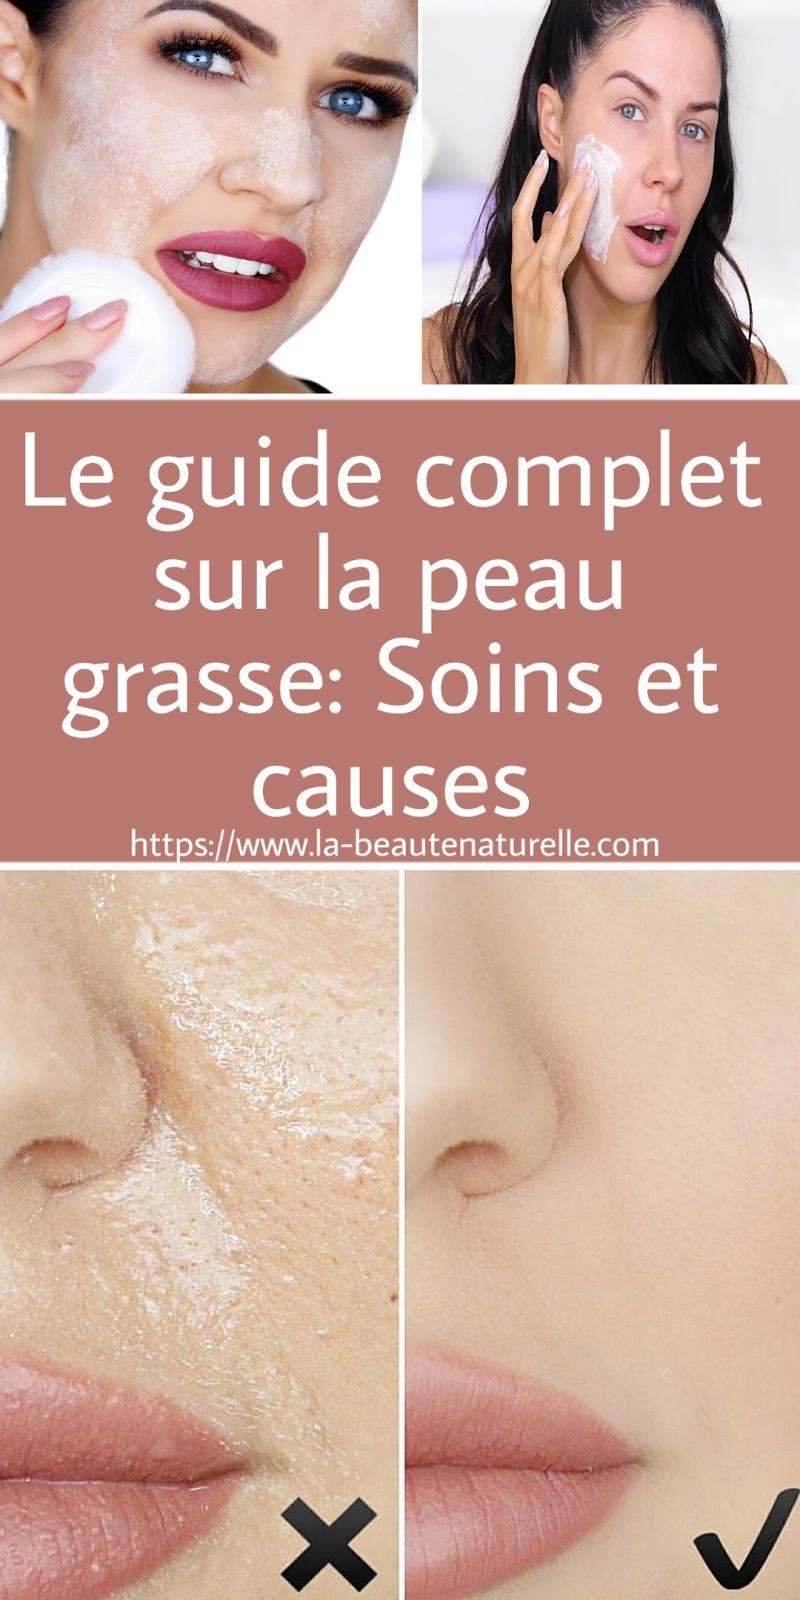 Le guide complet sur la peau grasse: Soins et causes